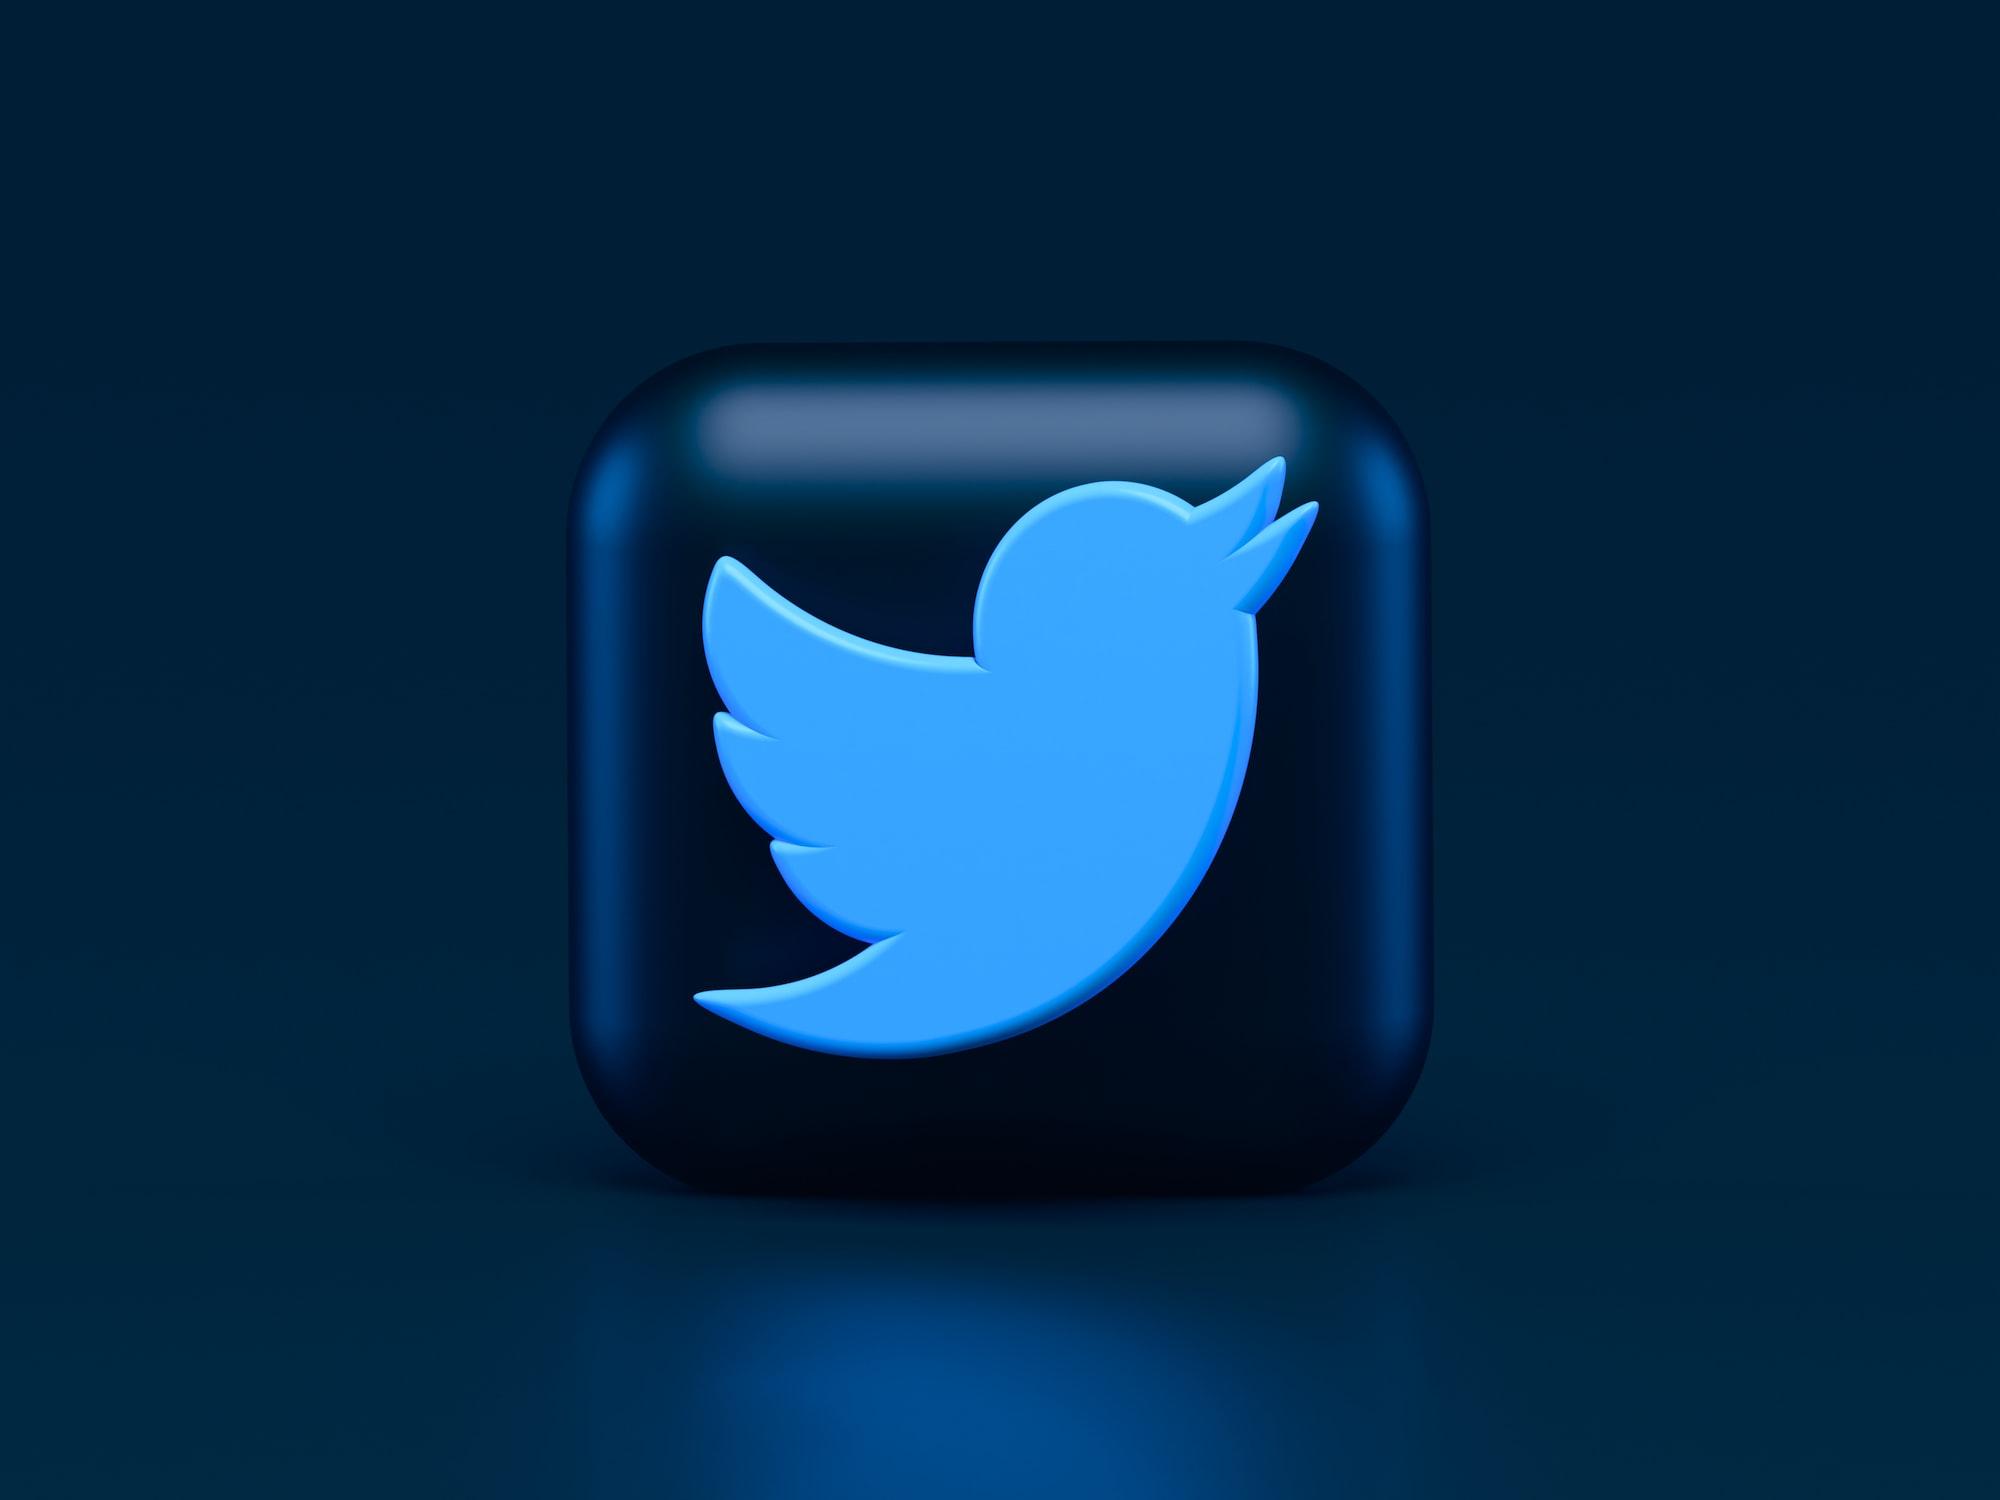 Najlepsi na świecie rynkowi eksperci, których możesz śledzić na Twitterze